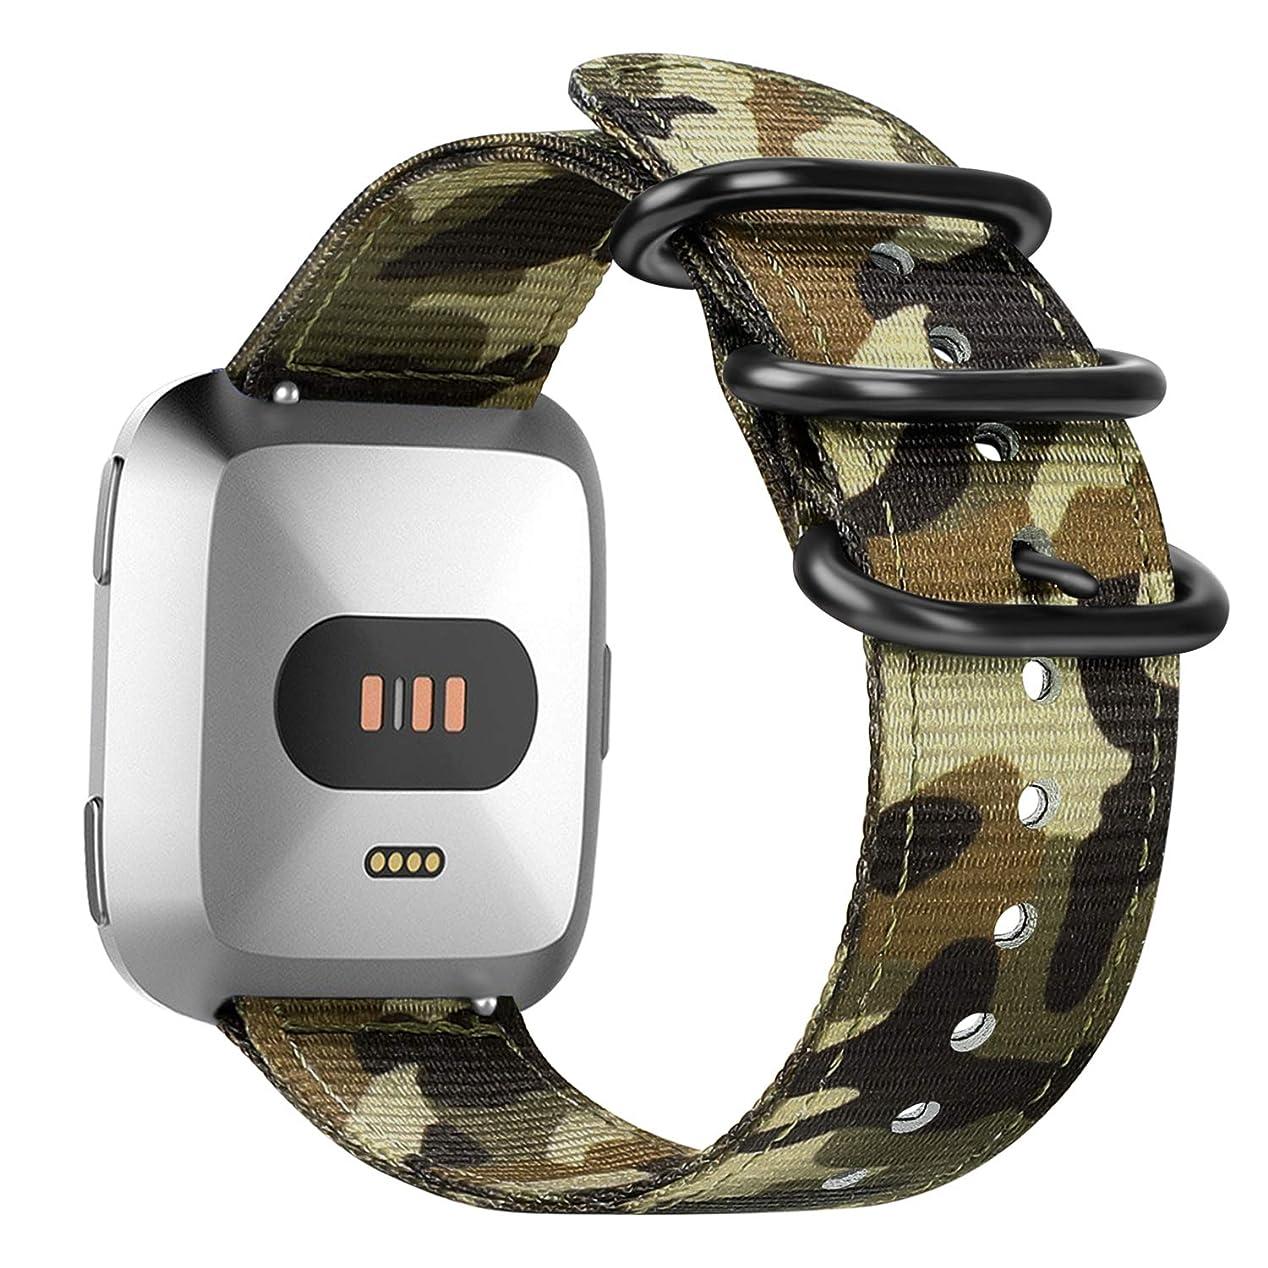 泥沼ベーシックビヨンFor Fitbit Versa バンド, Fintie 編みナイロン 時計バンド 交換ベルト フィットビット Fitbit Versa スポーツストラップ (カモグリーン)